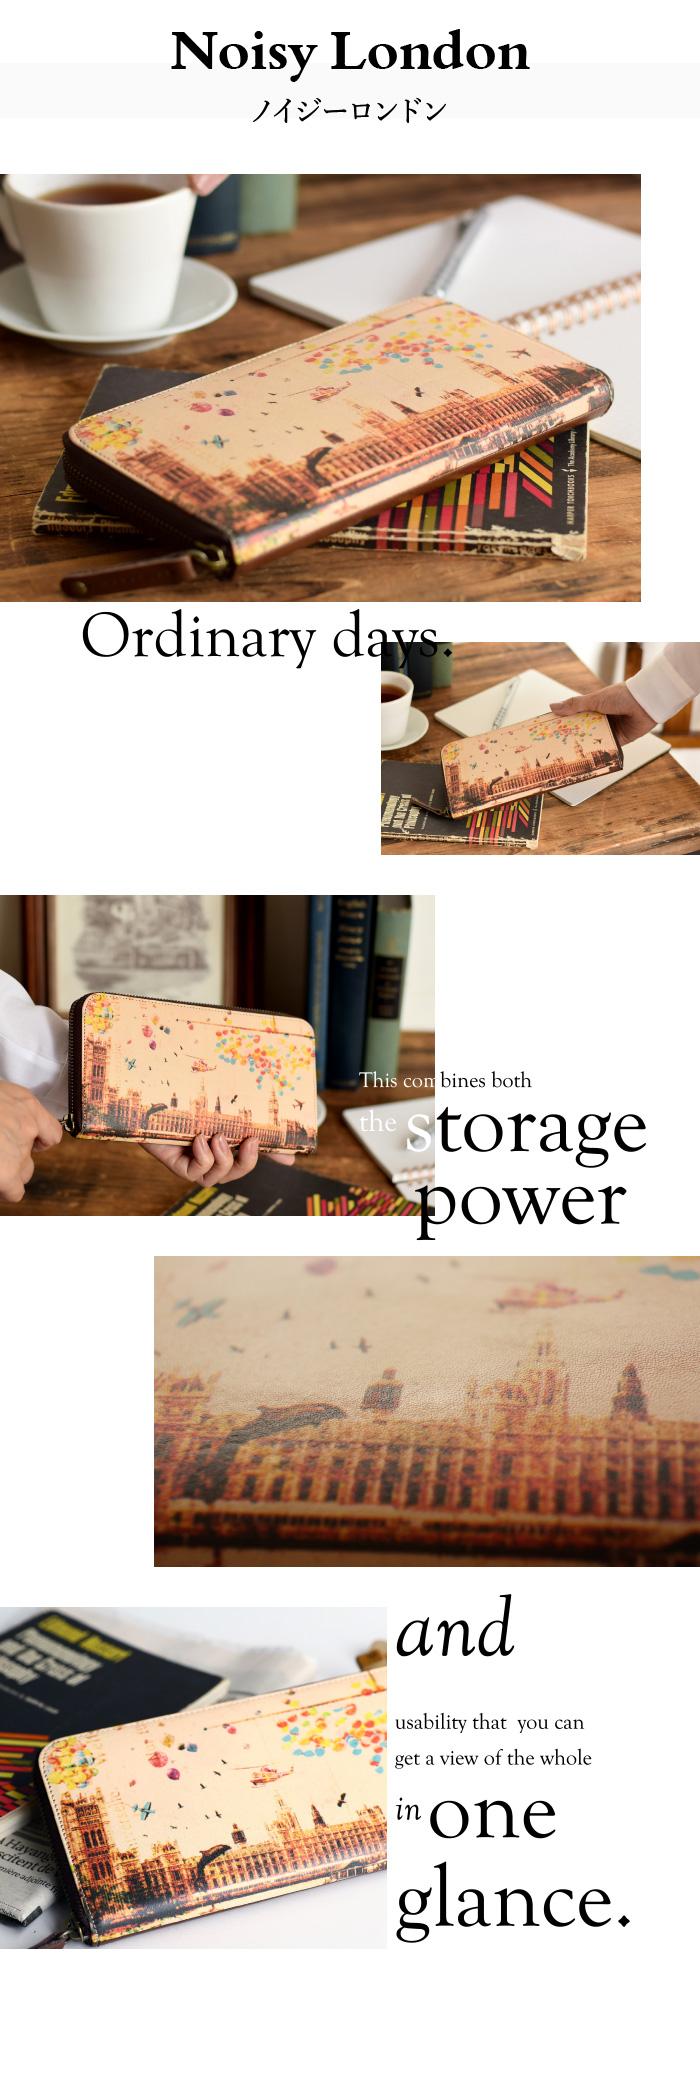 表面にはアートが施された大きな一枚革を使い、思わず眺めたくなるお財布です。